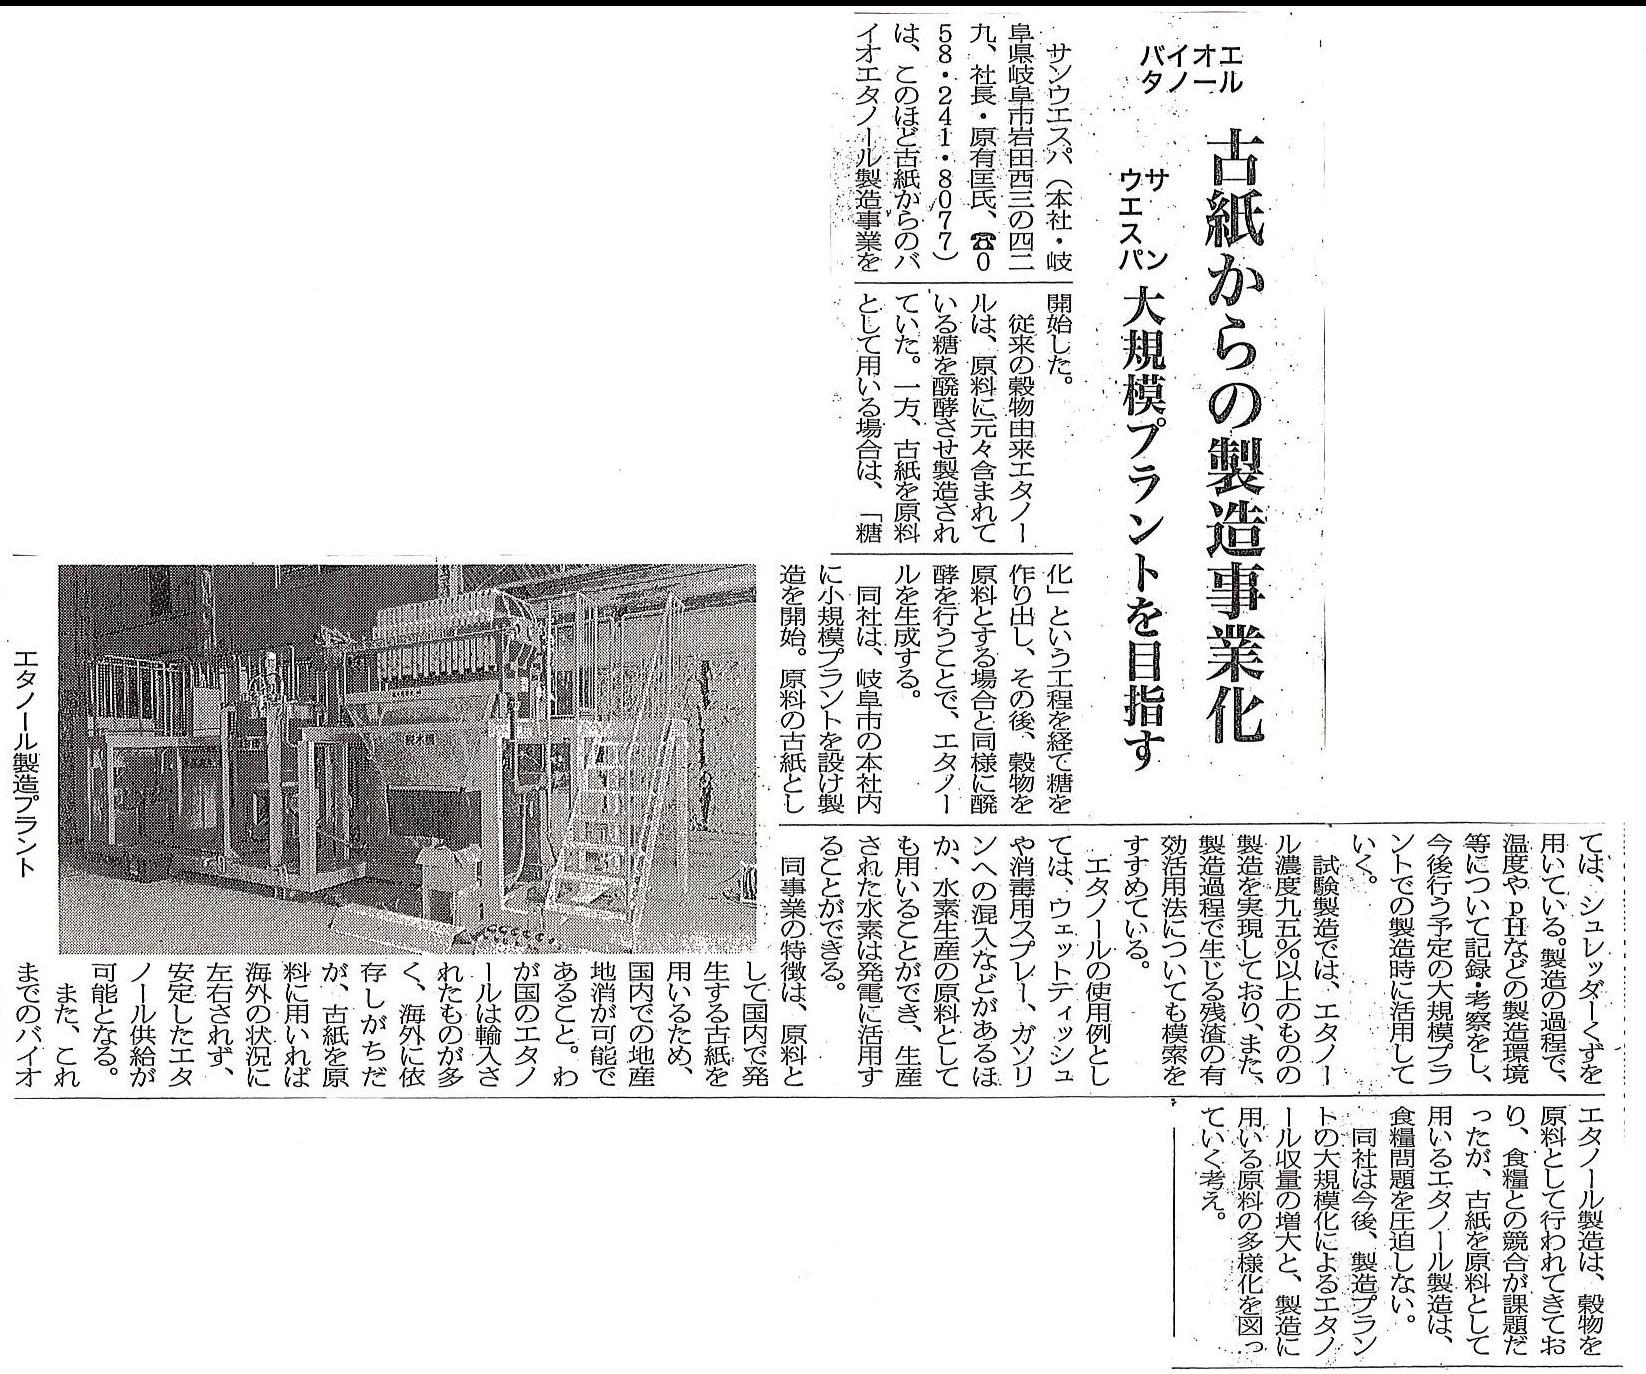 11:15熱経済新聞